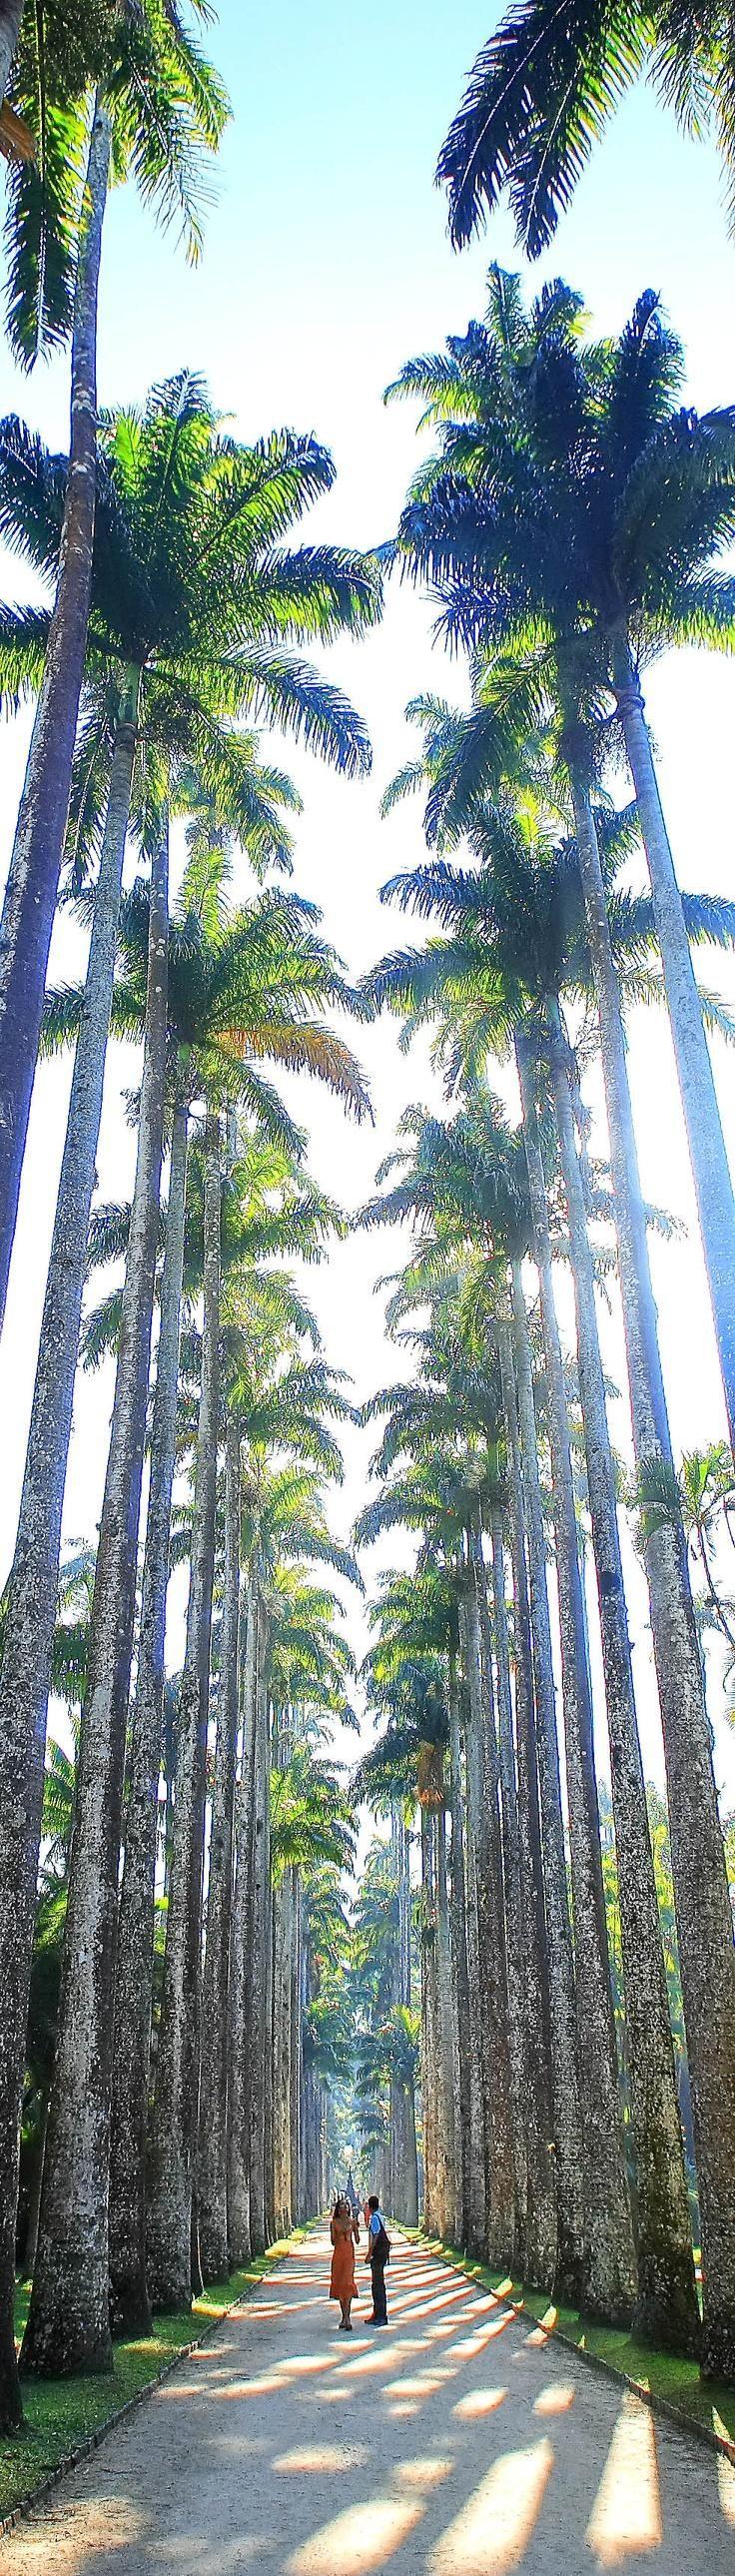 Jardim Botânico, Rio de Janeiro, Brazil !!!!!!!!!!!!